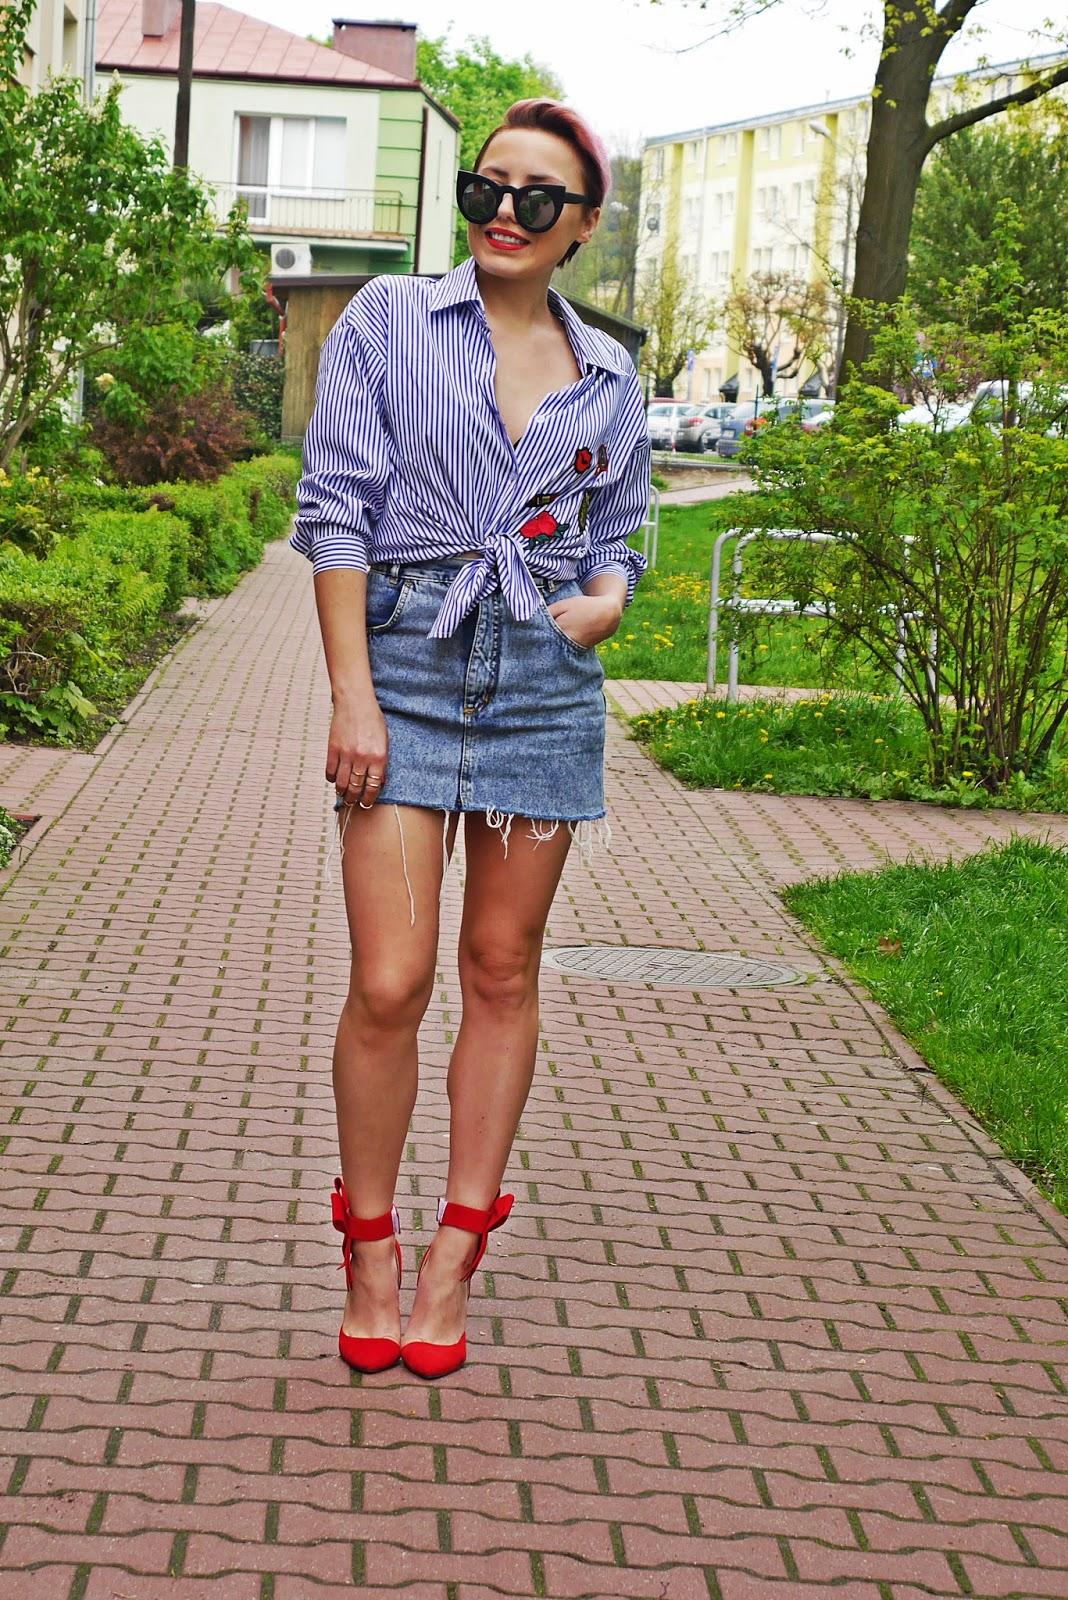 embroidered_shirt_stripes_denim_skirt_karyn_blog_look_ootd_110517a